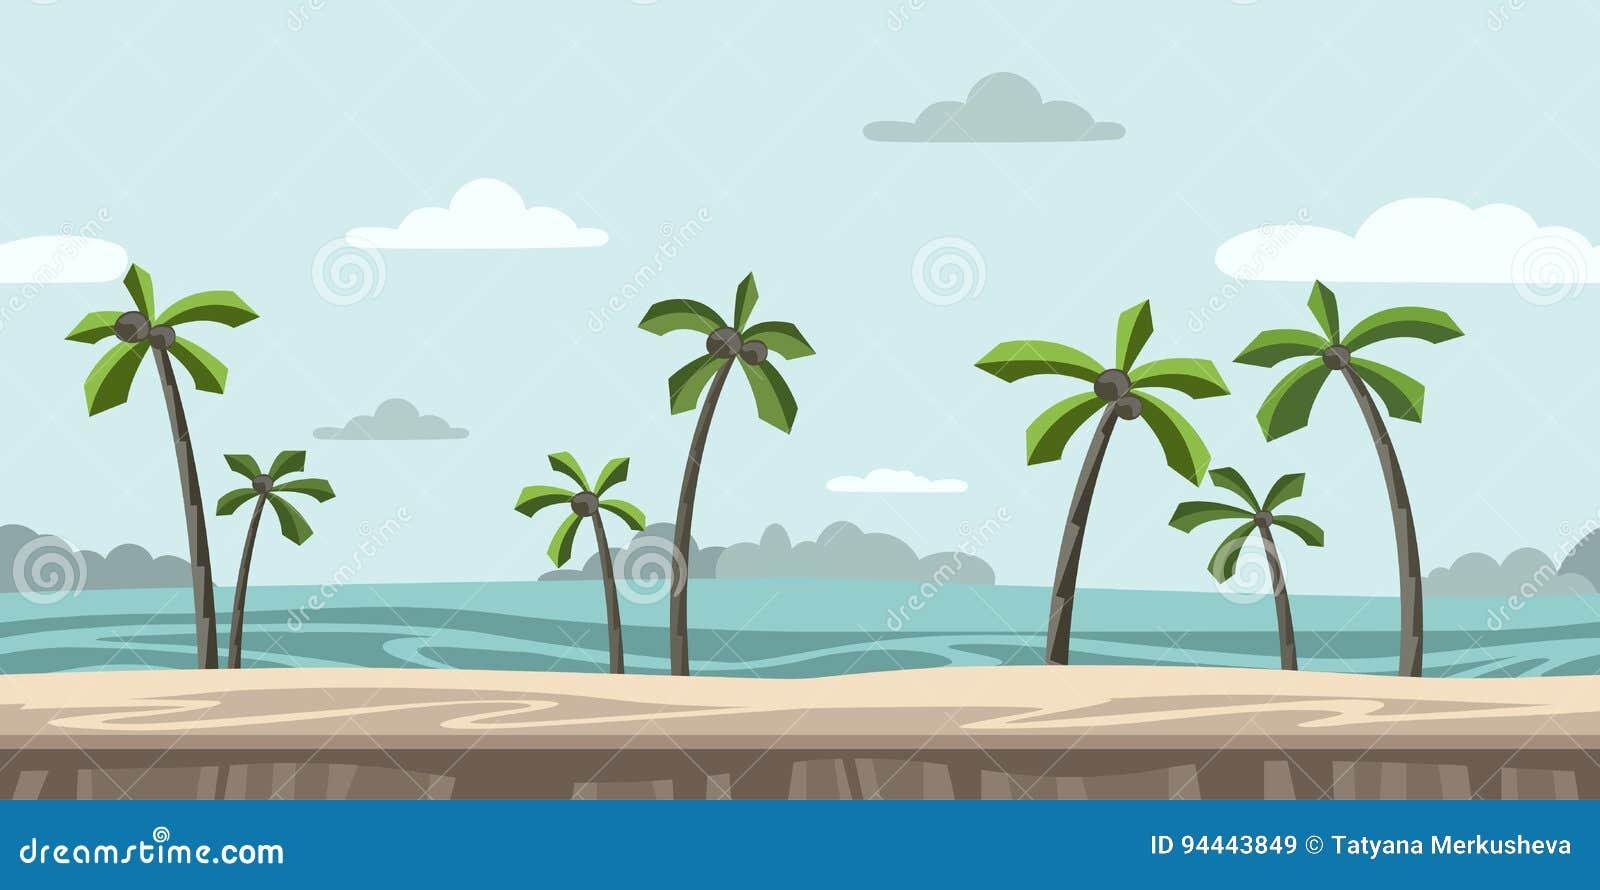 Άνευ ραφής ατελείωτο υπόβαθρο για το παιχνίδι arcade Αμμώδης παραλία με τους φοίνικες και τα σύννεφα στο μπλε ουρανό διάνυσμα